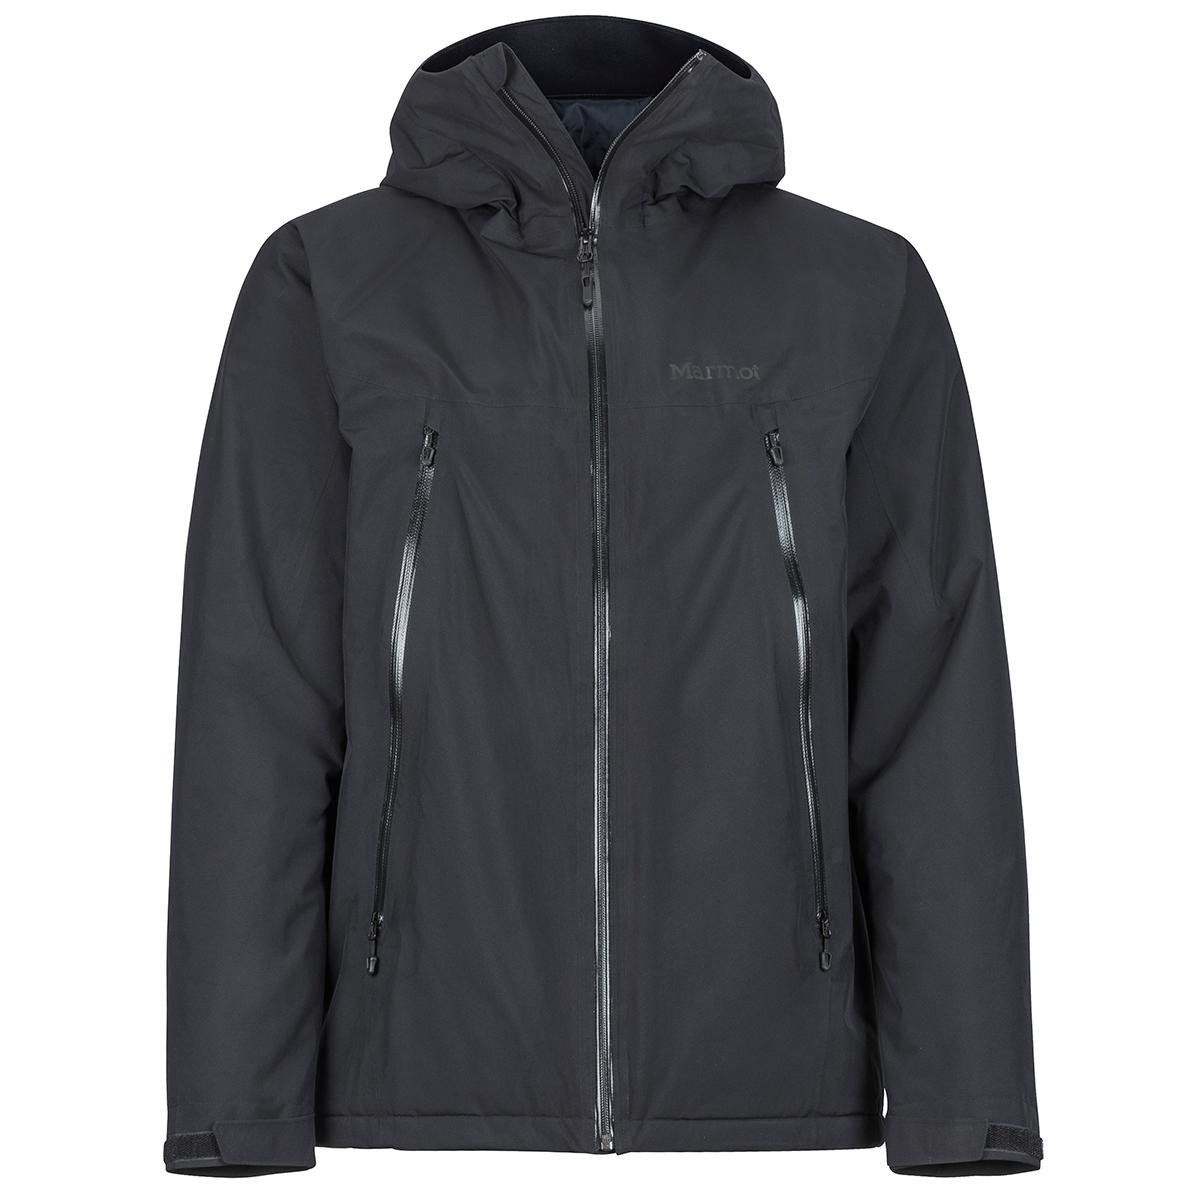 Marmot Men's Solaris Jacket - Black, XL